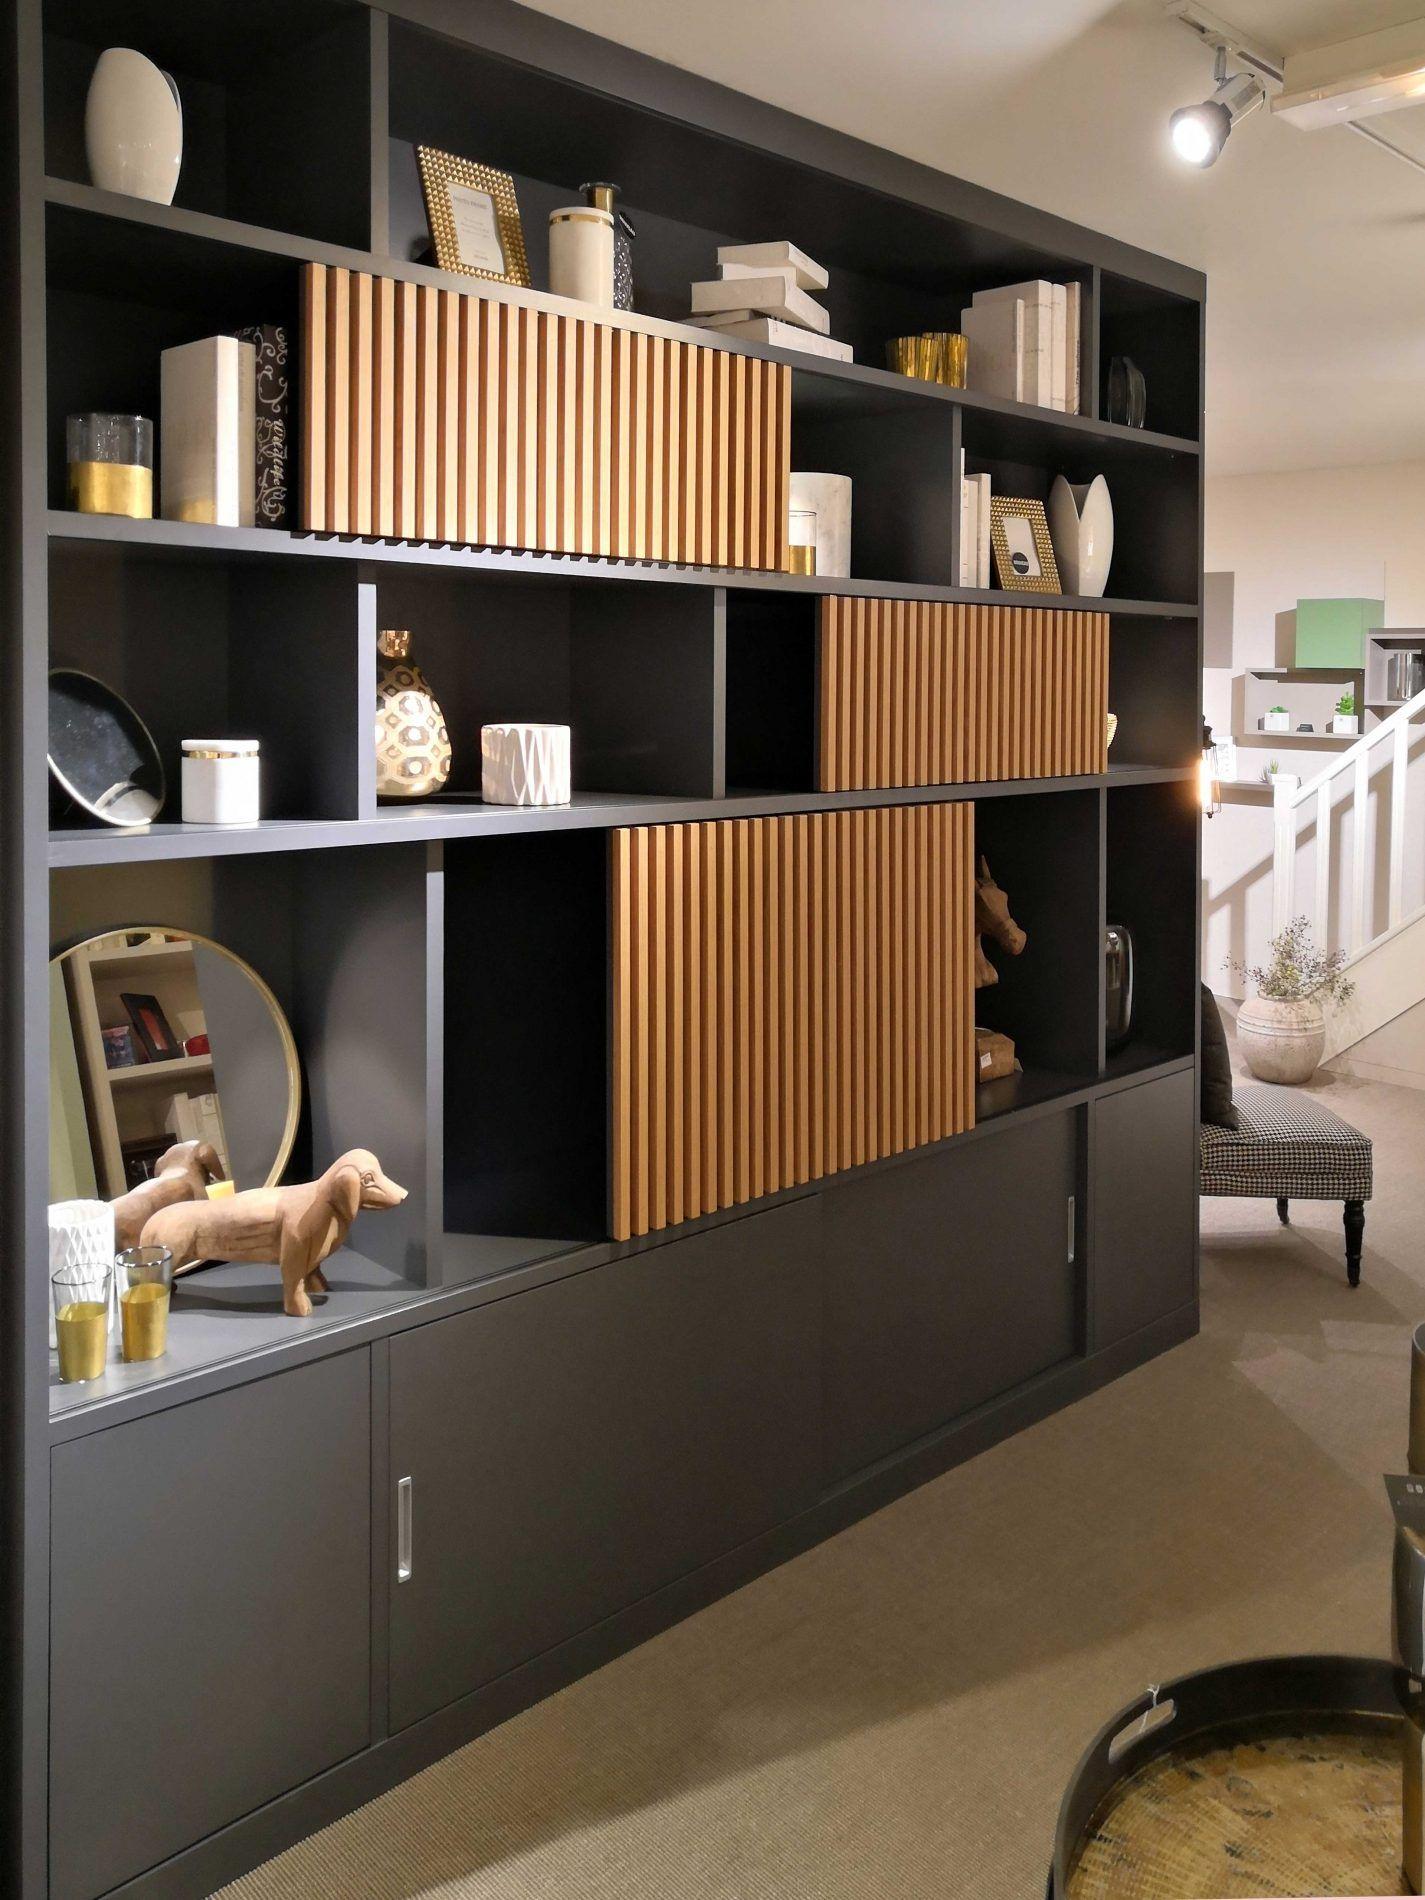 Bibliotheque Design Et Sur Mesure La Compagnie Des Ateliers Meuble Rangement Salon Bibliotheque Design Meuble Mural Salon